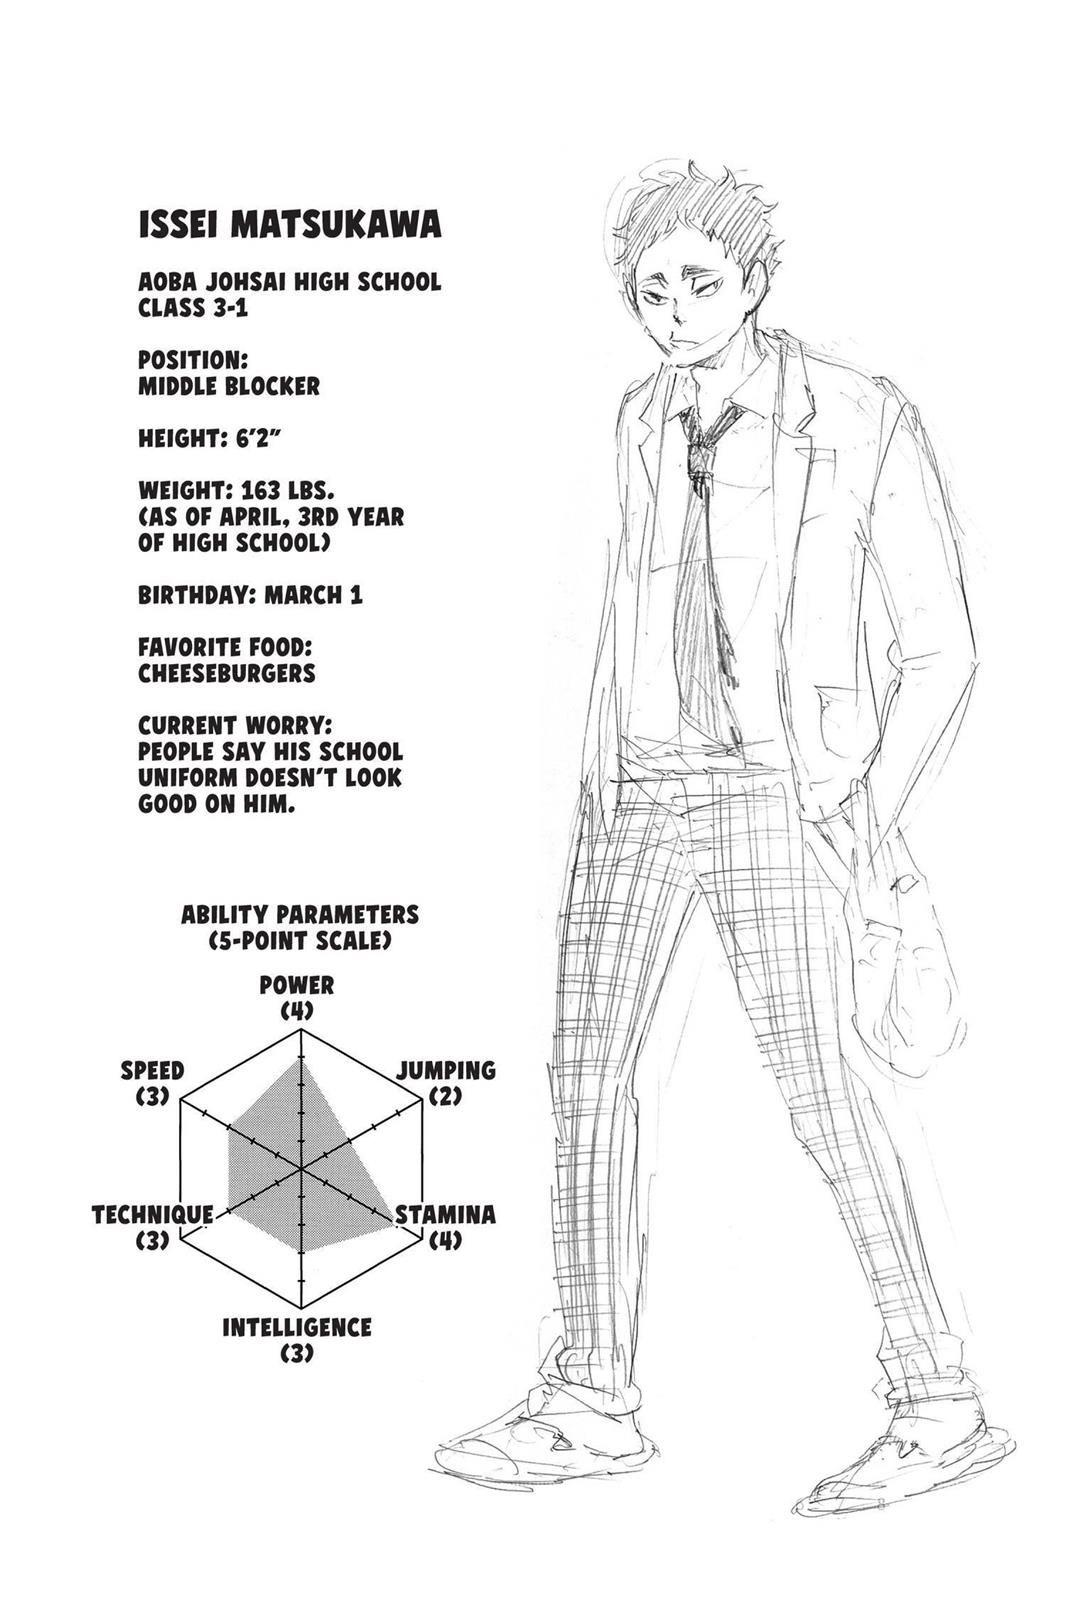 Haikyuu Chapter 62 Read Haikyuu!! Manga Online Haikyuu